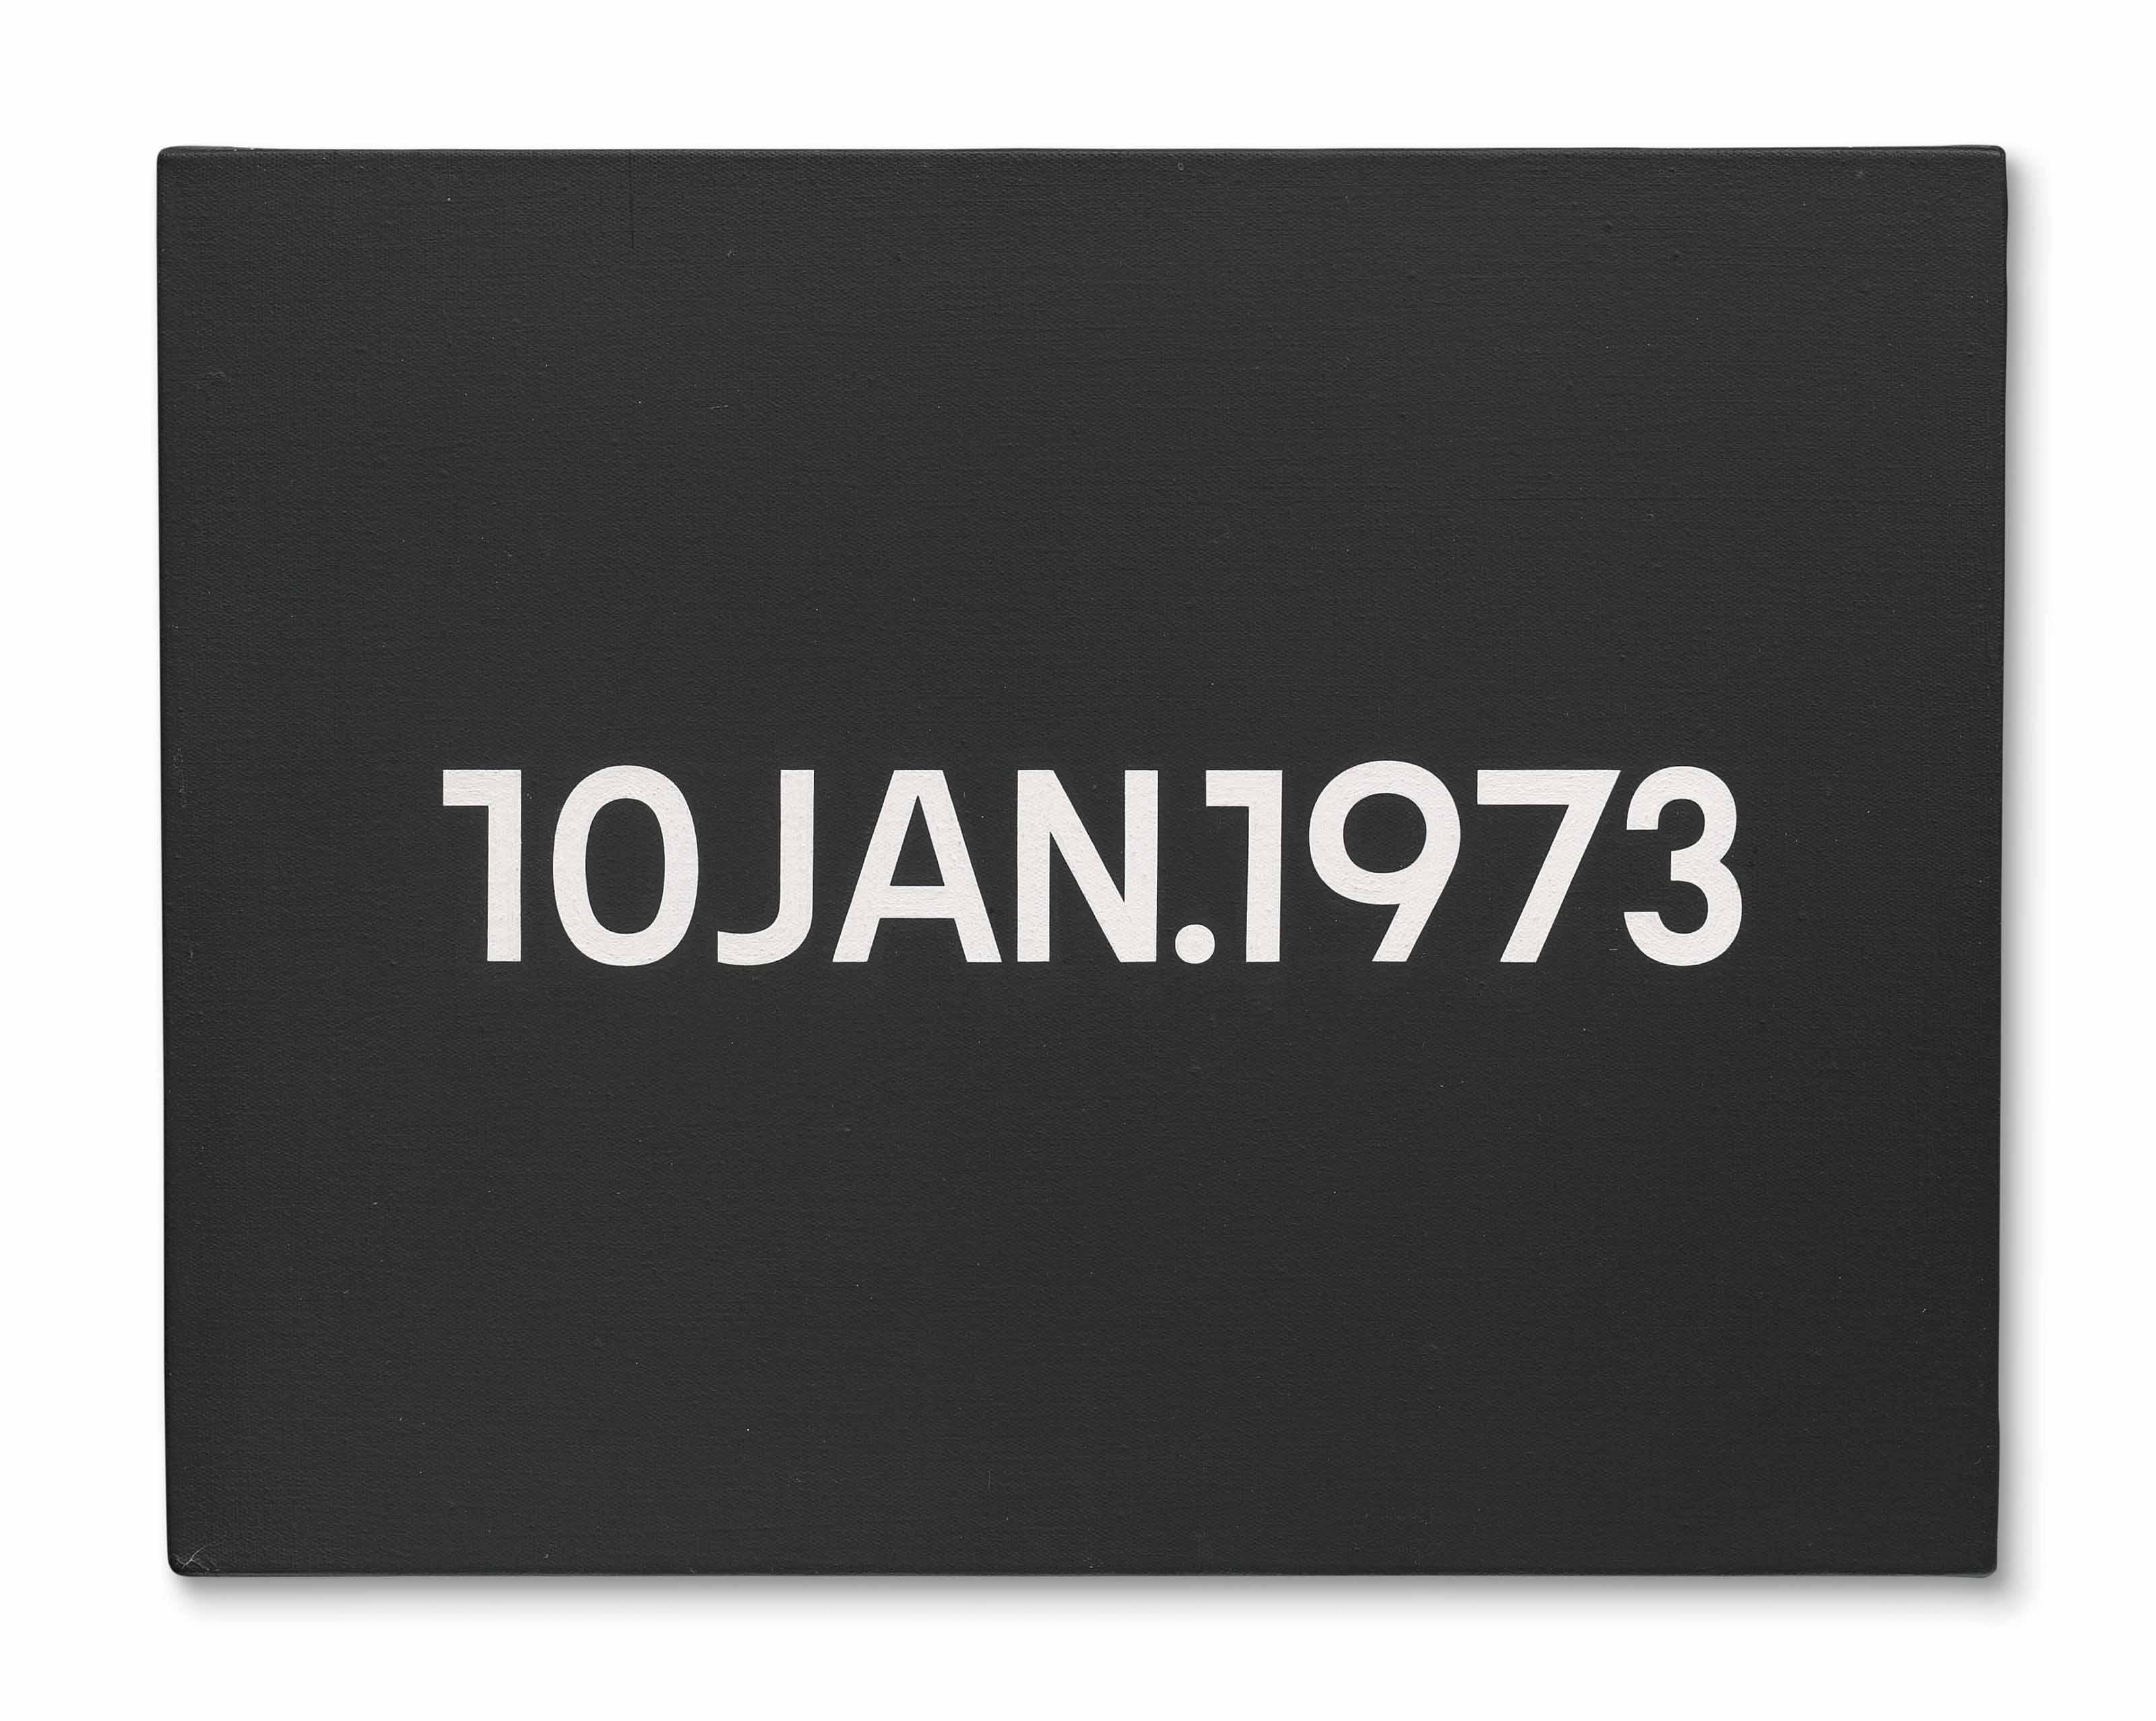 10 Jan. 1973